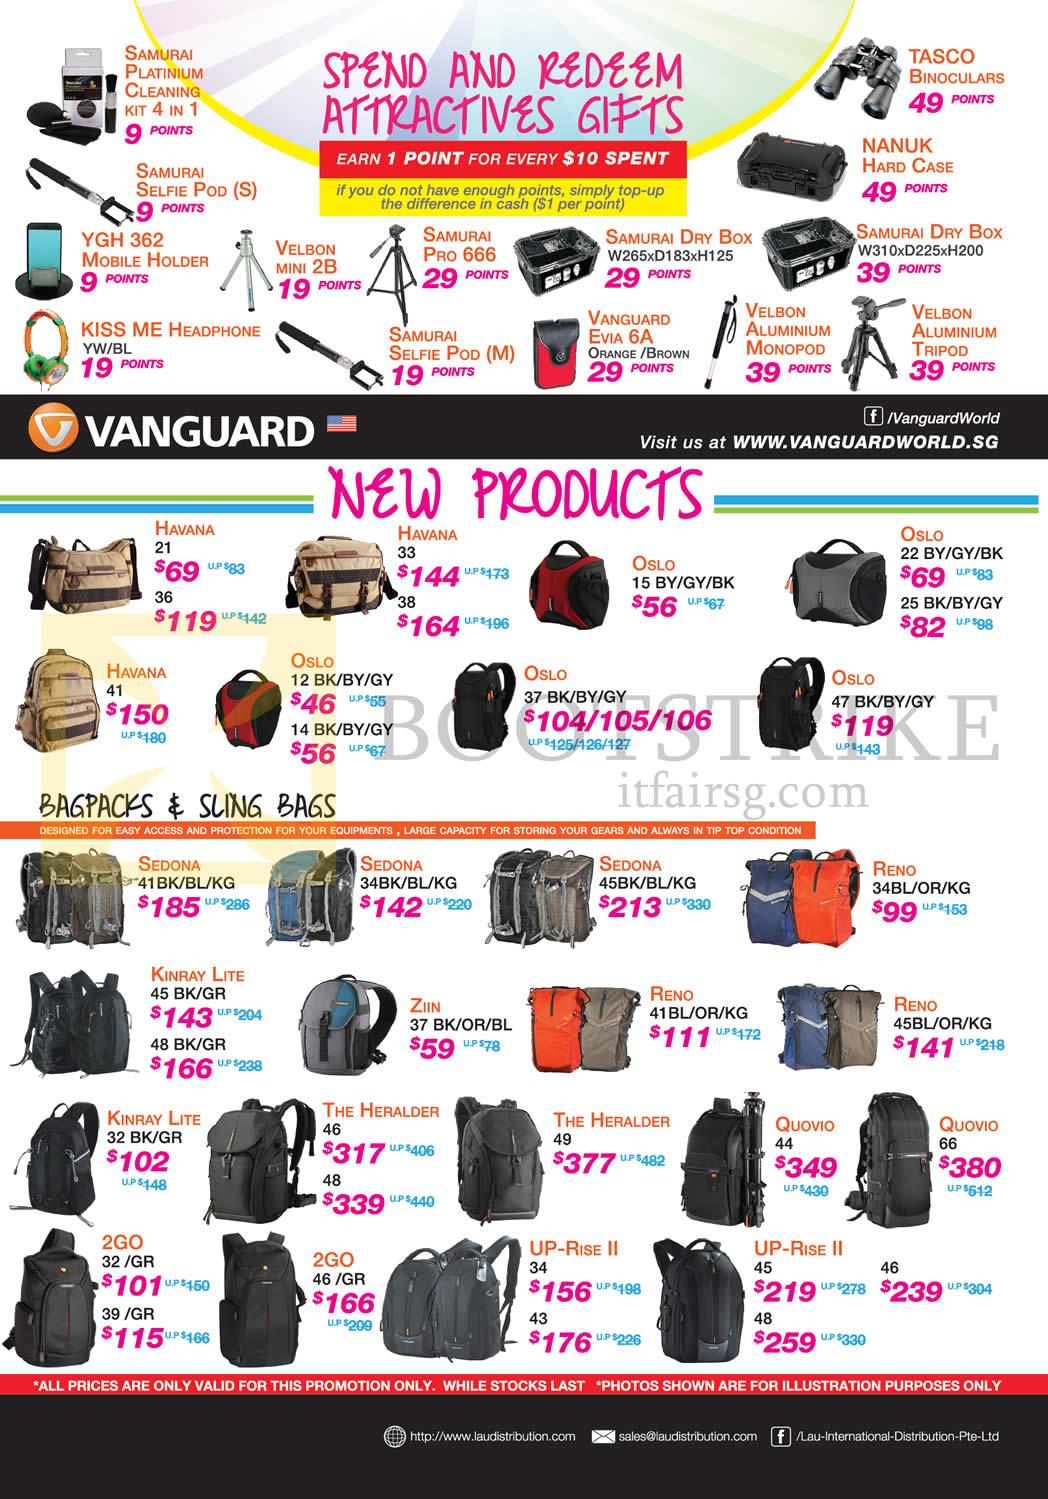 Lau Intl Vanguard Backpacks, Sling Bags, Accessories